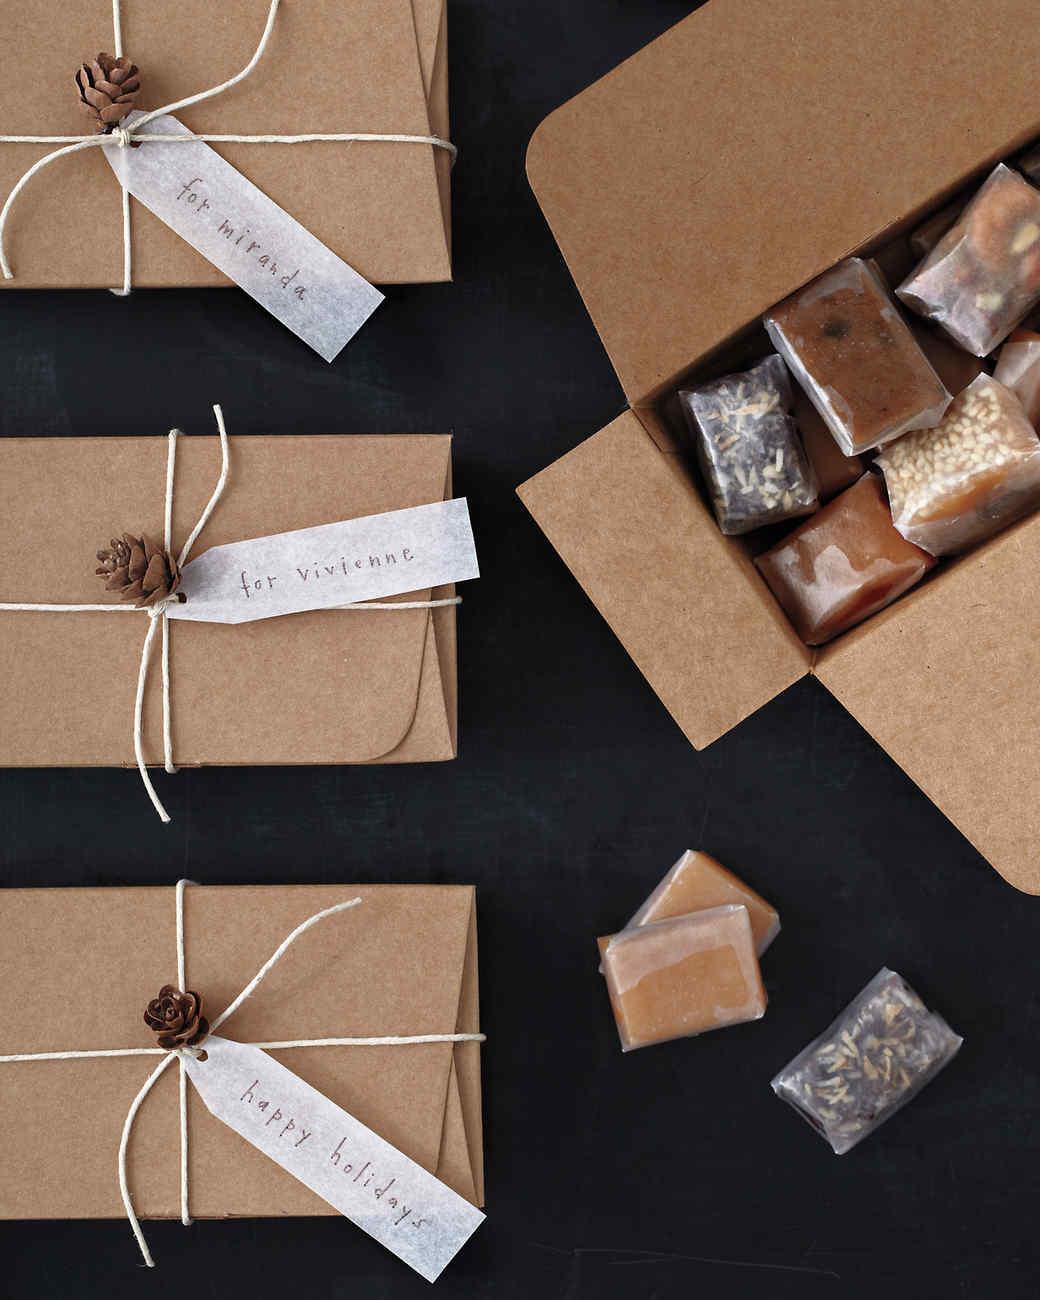 packaging-342-mld109314.jpg